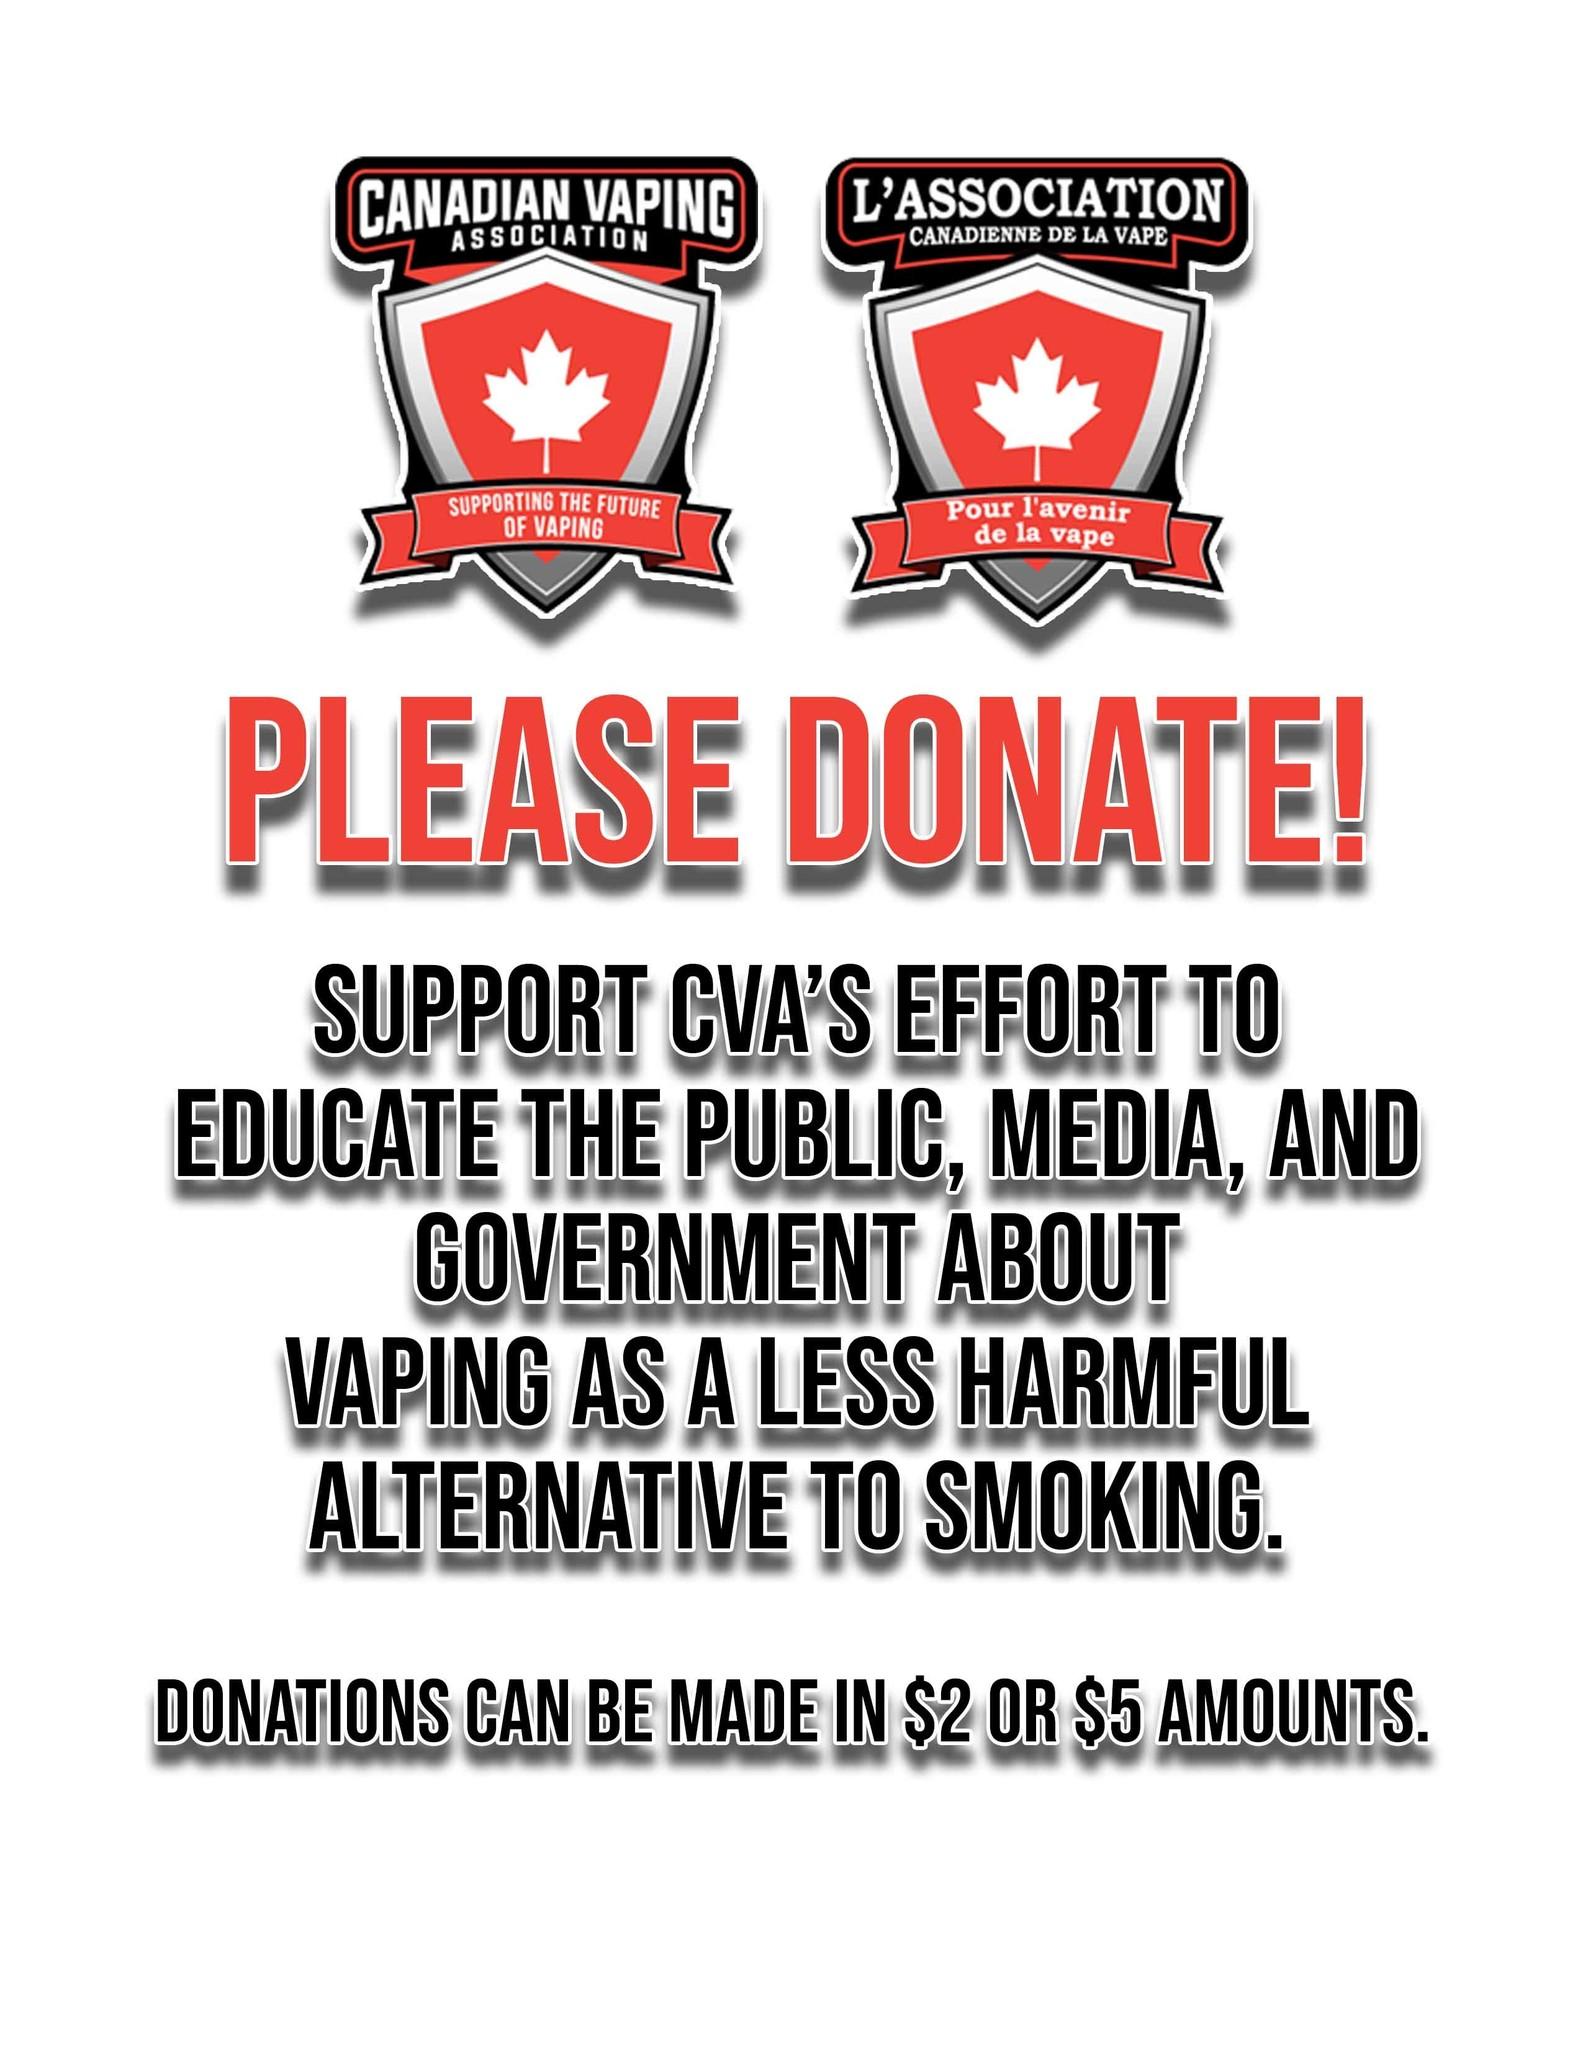 CVA Donation $5.00